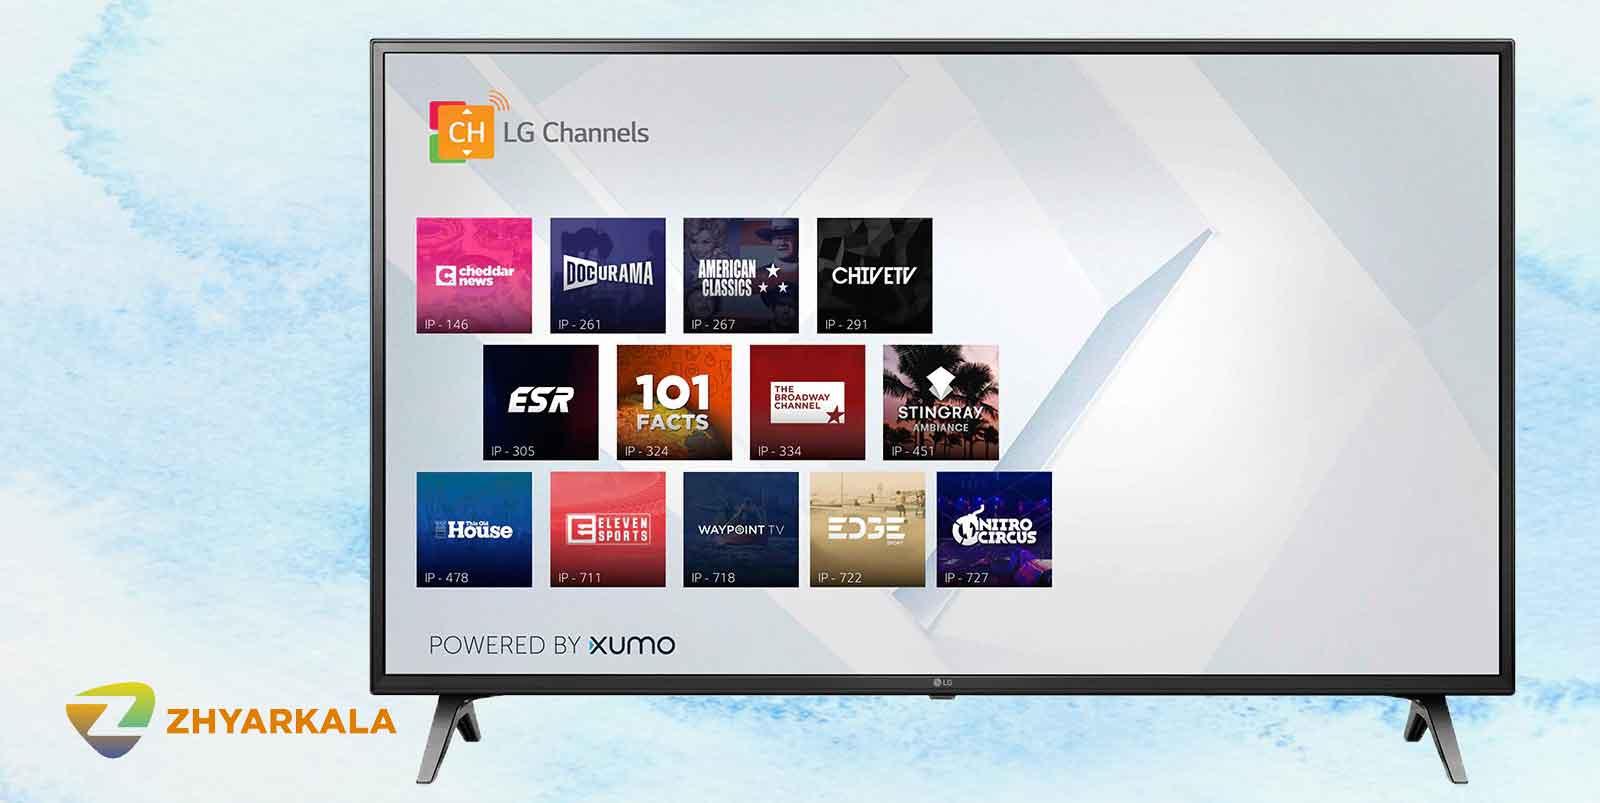 برنامه های تلویزیون ال جی UN711